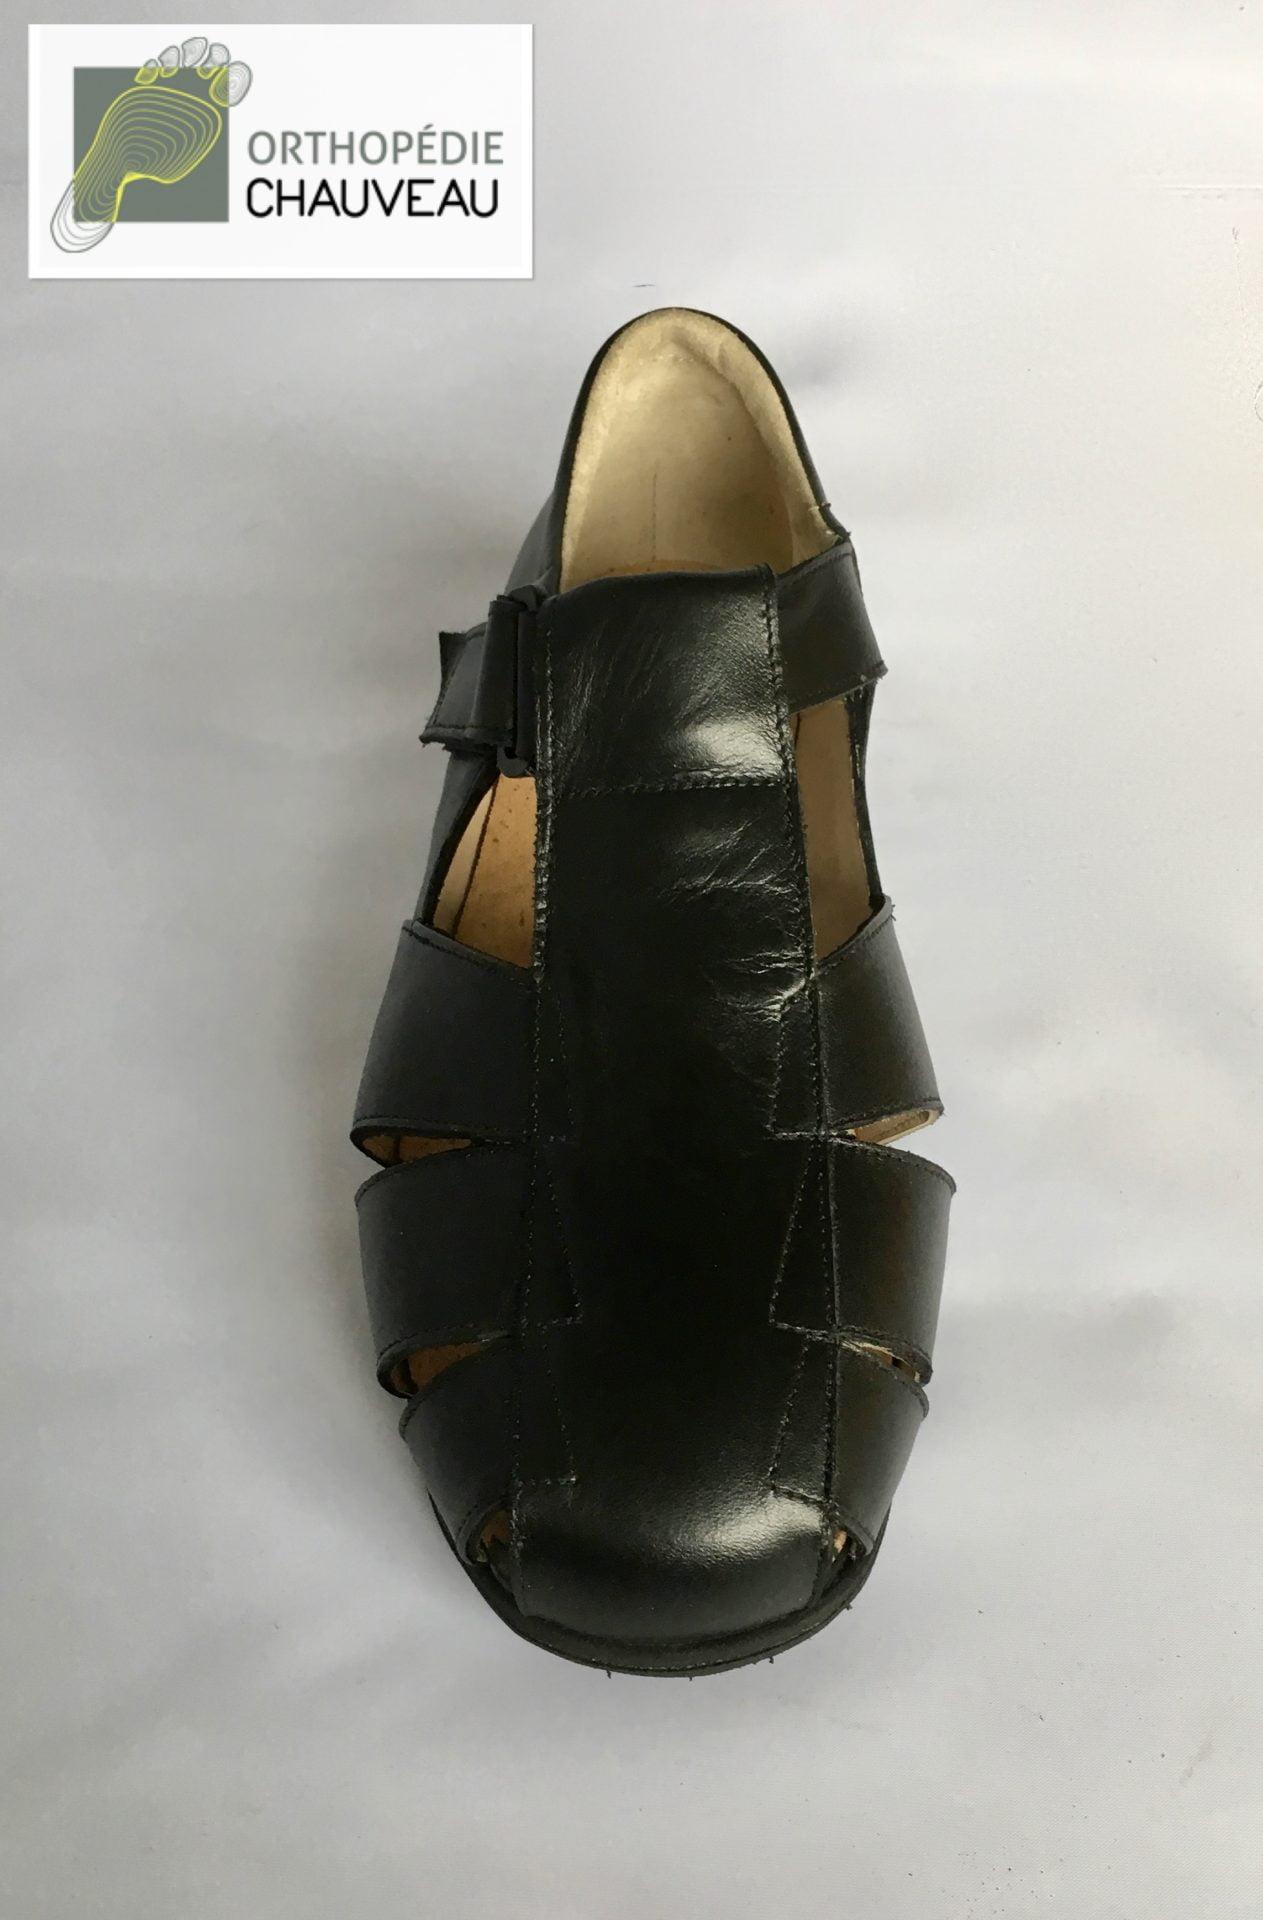 chaussures orthopédiques rennes ouverte